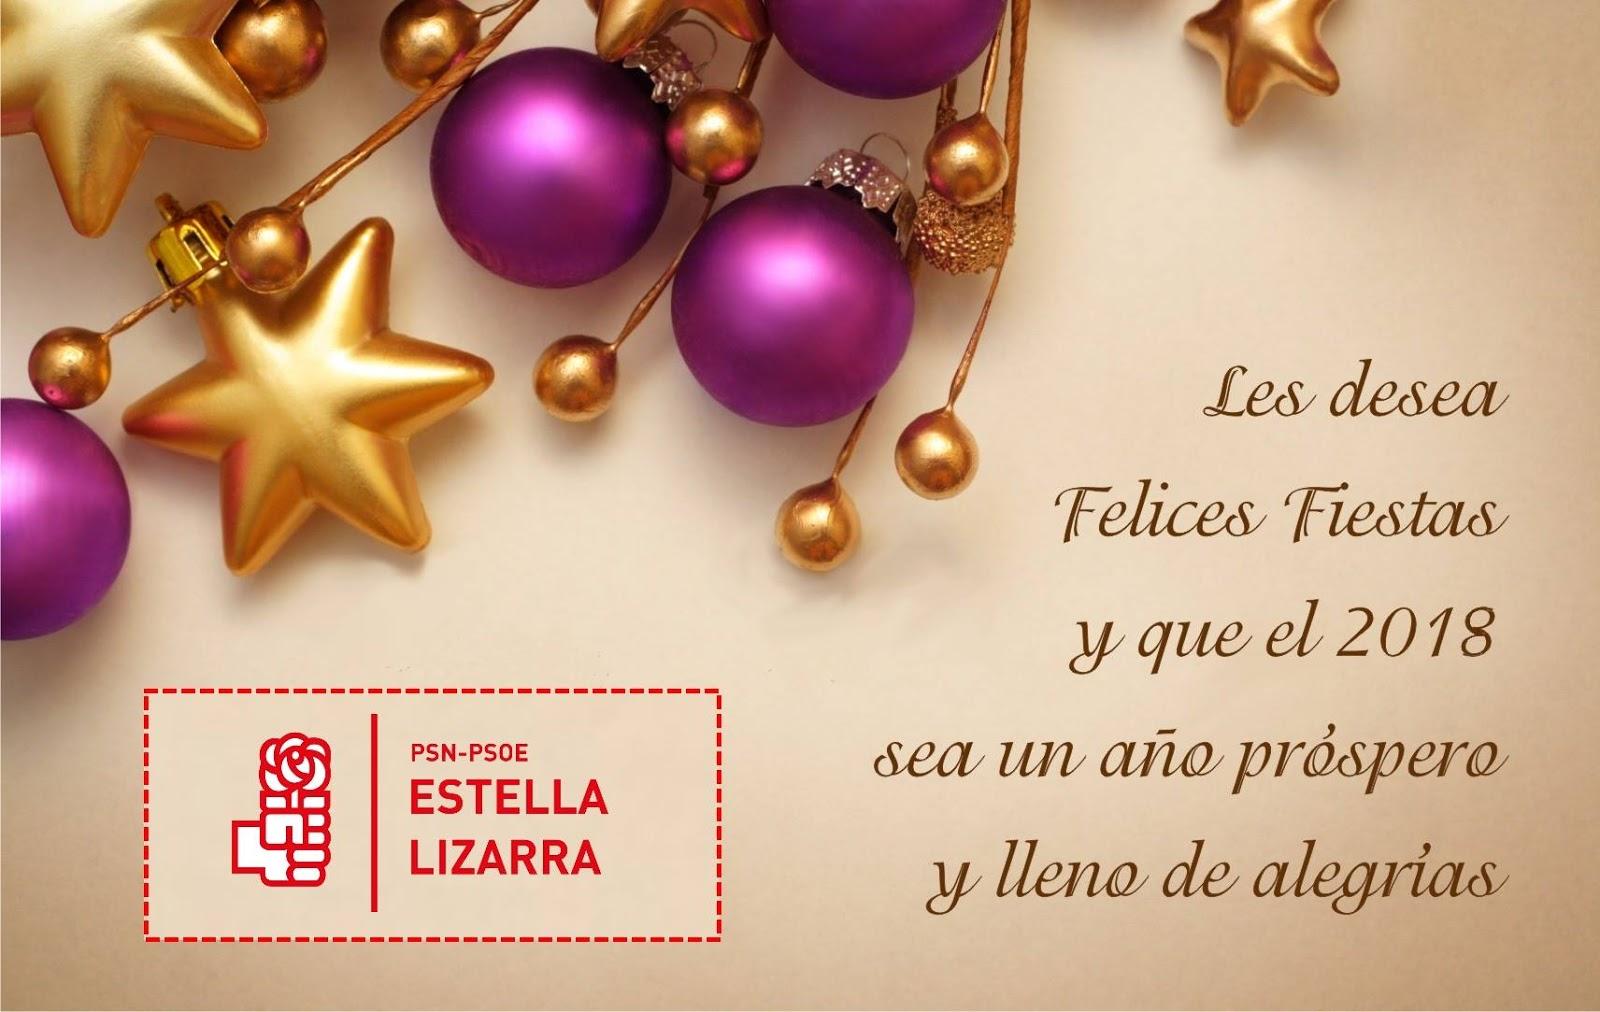 ¡Feliz Navidad y próspero año nuevo! Zorionak eta urte berri on!